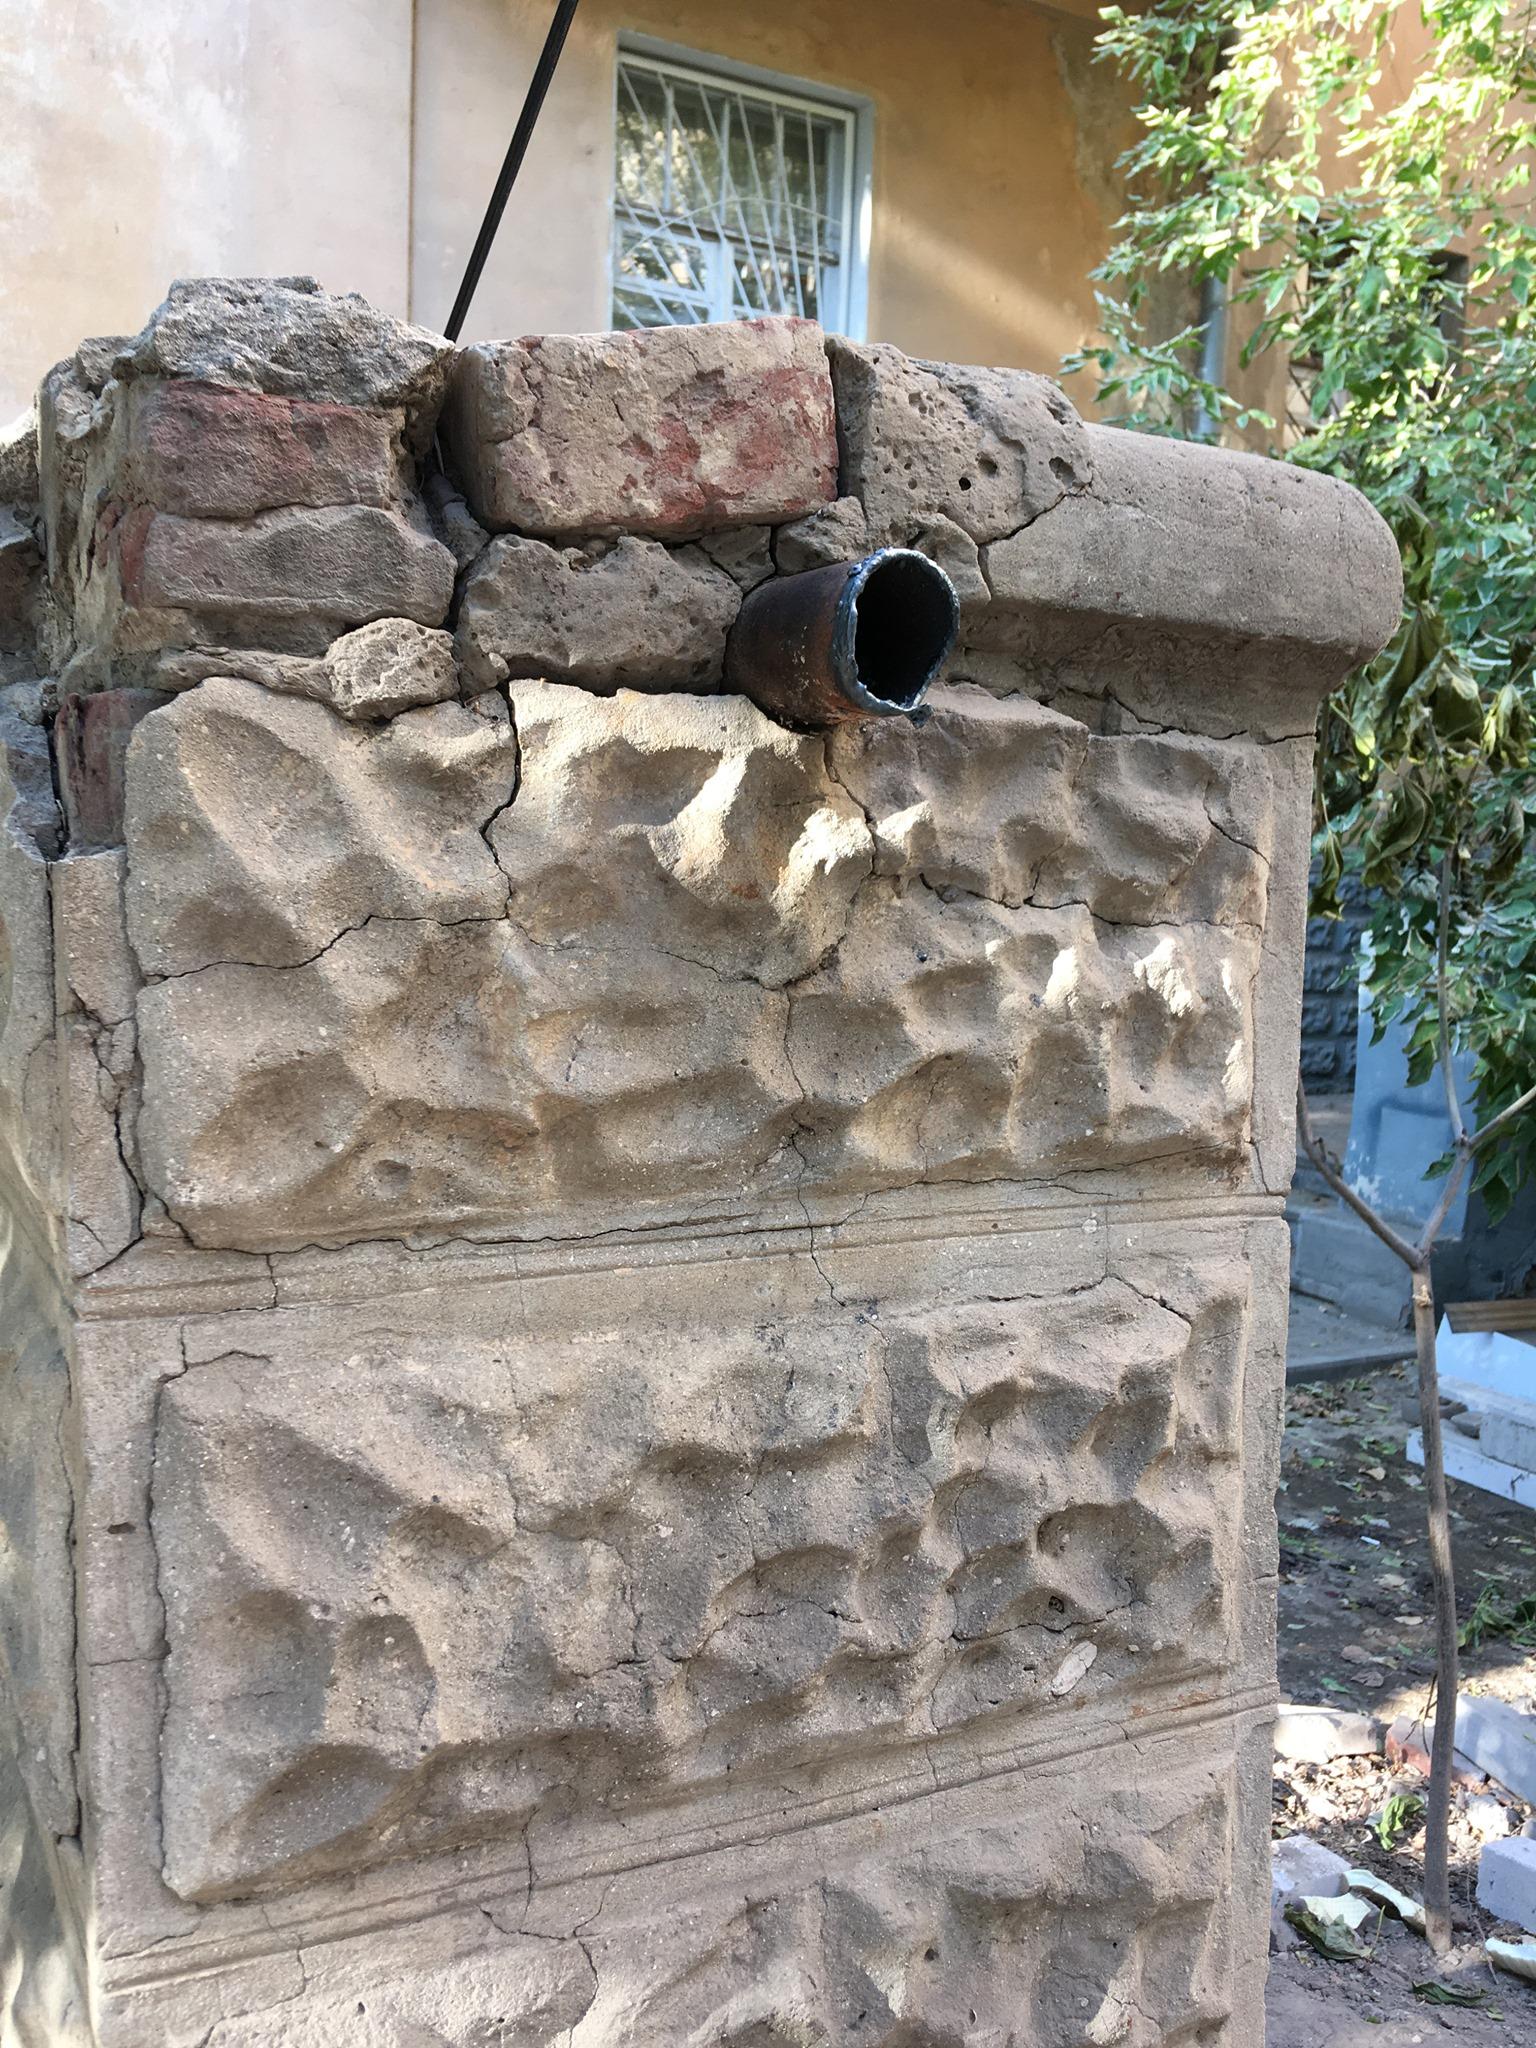 дом 4 Знаменитый «бутылочный» дом в Астрахани с подачи коммунальщиков лишился старинной решетки